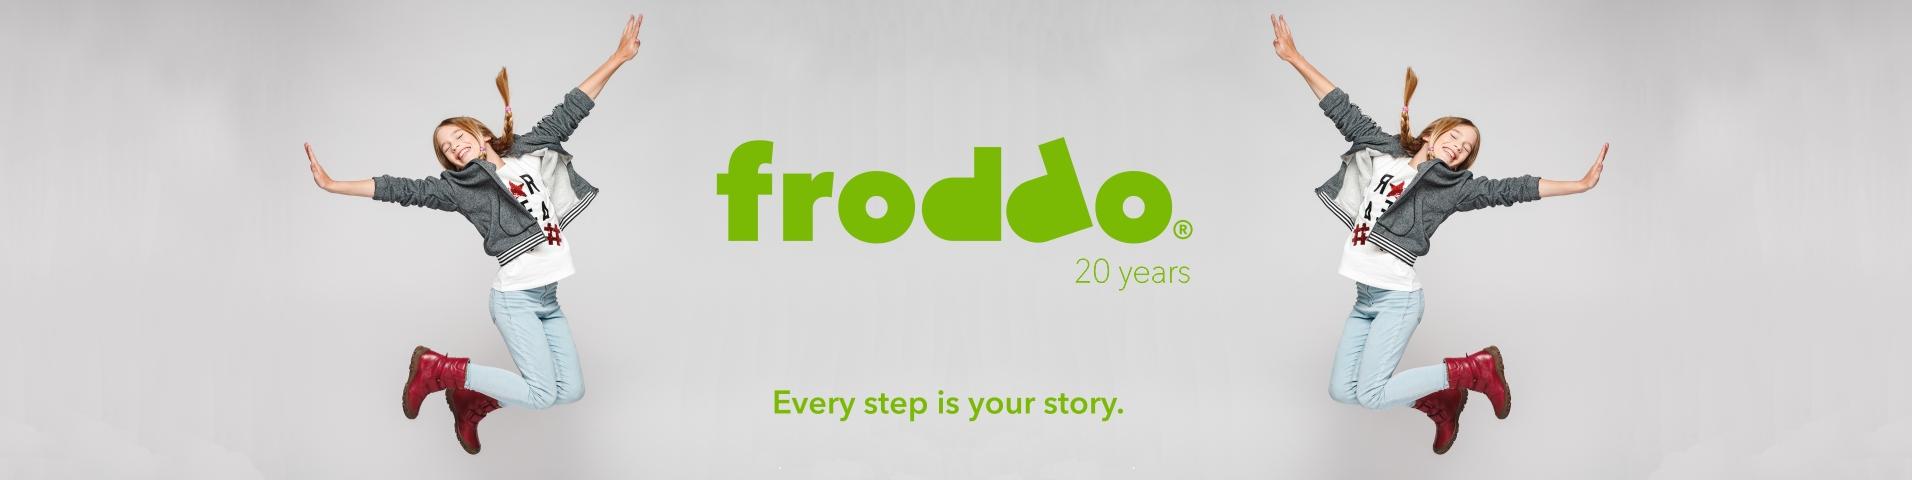 Froddo Schuhe online kaufen | Upgrade für deinen